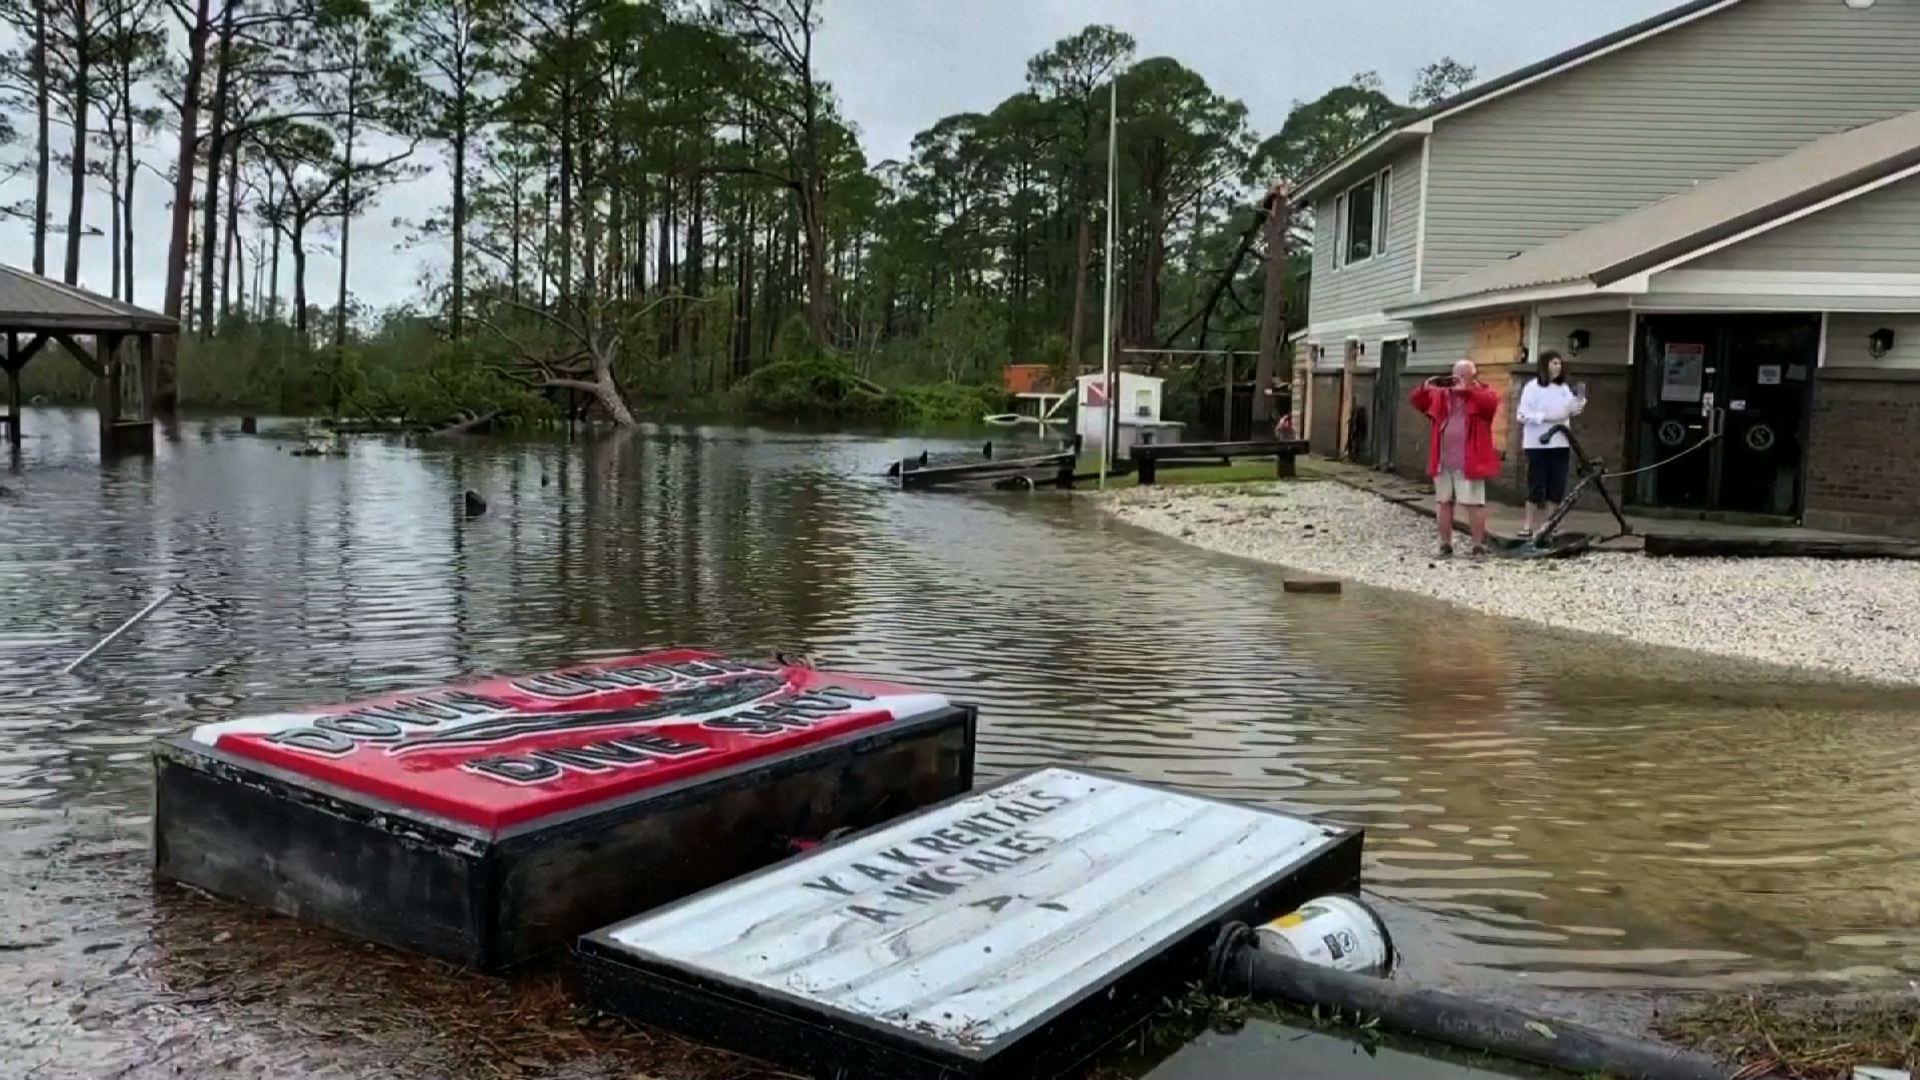 Bão Sally làm ngập lụt nhiều căn nhà và công ty ở Alabama và Florida